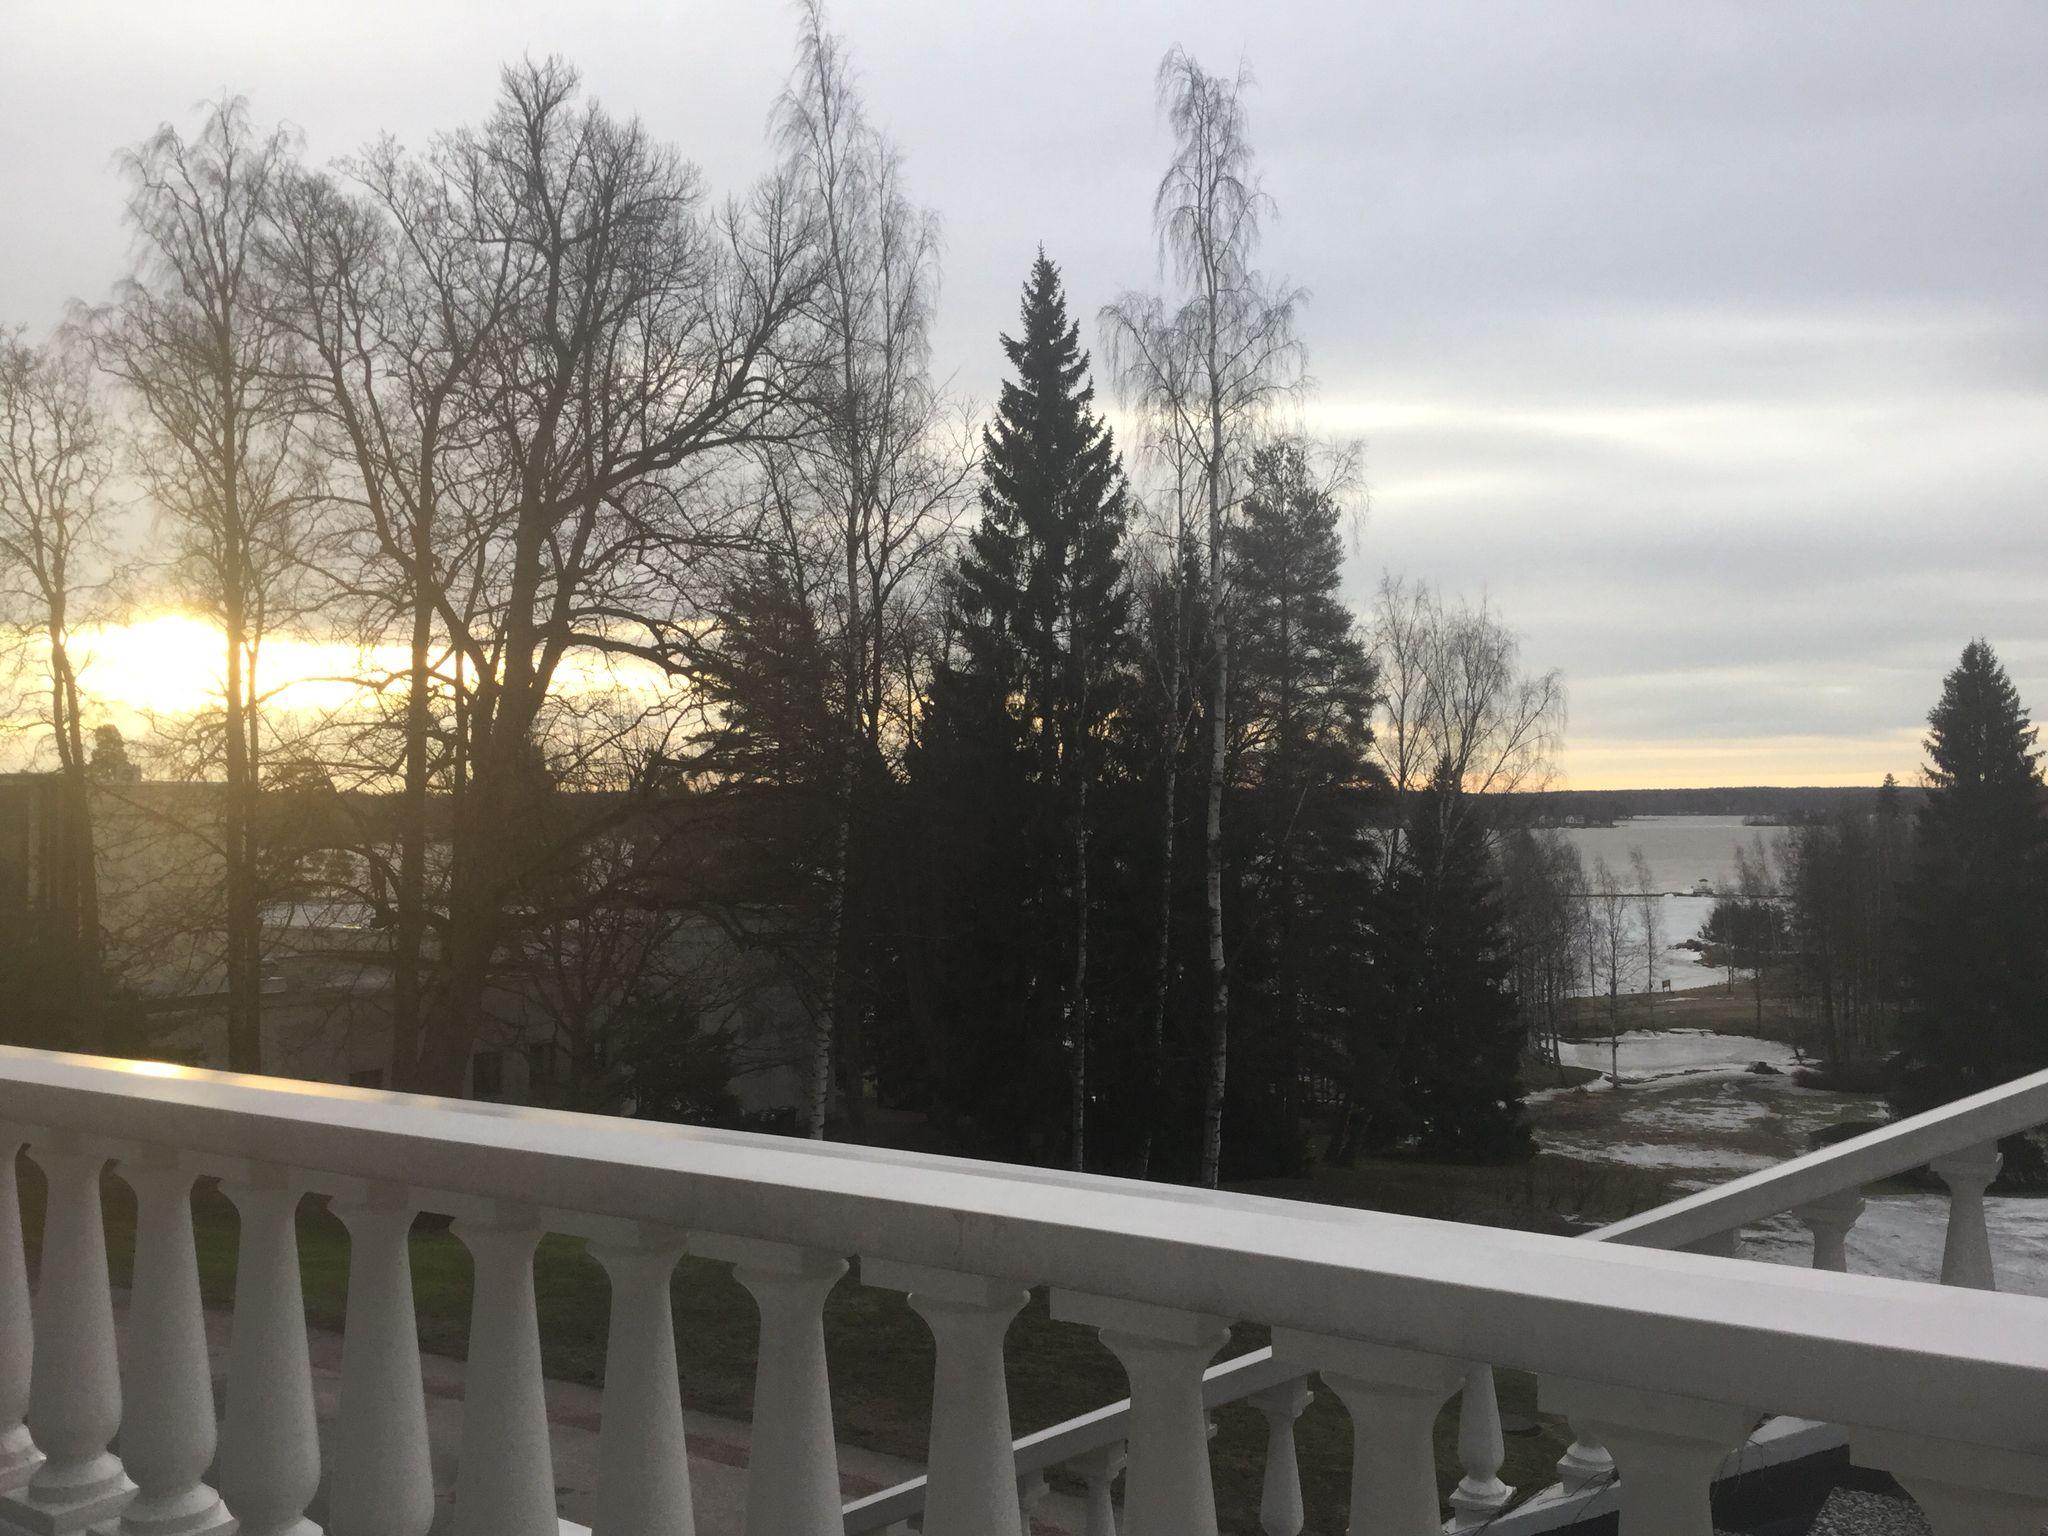 Hienoja heräämisiä uuteen. Haikkoo, maaliskuu 2015.